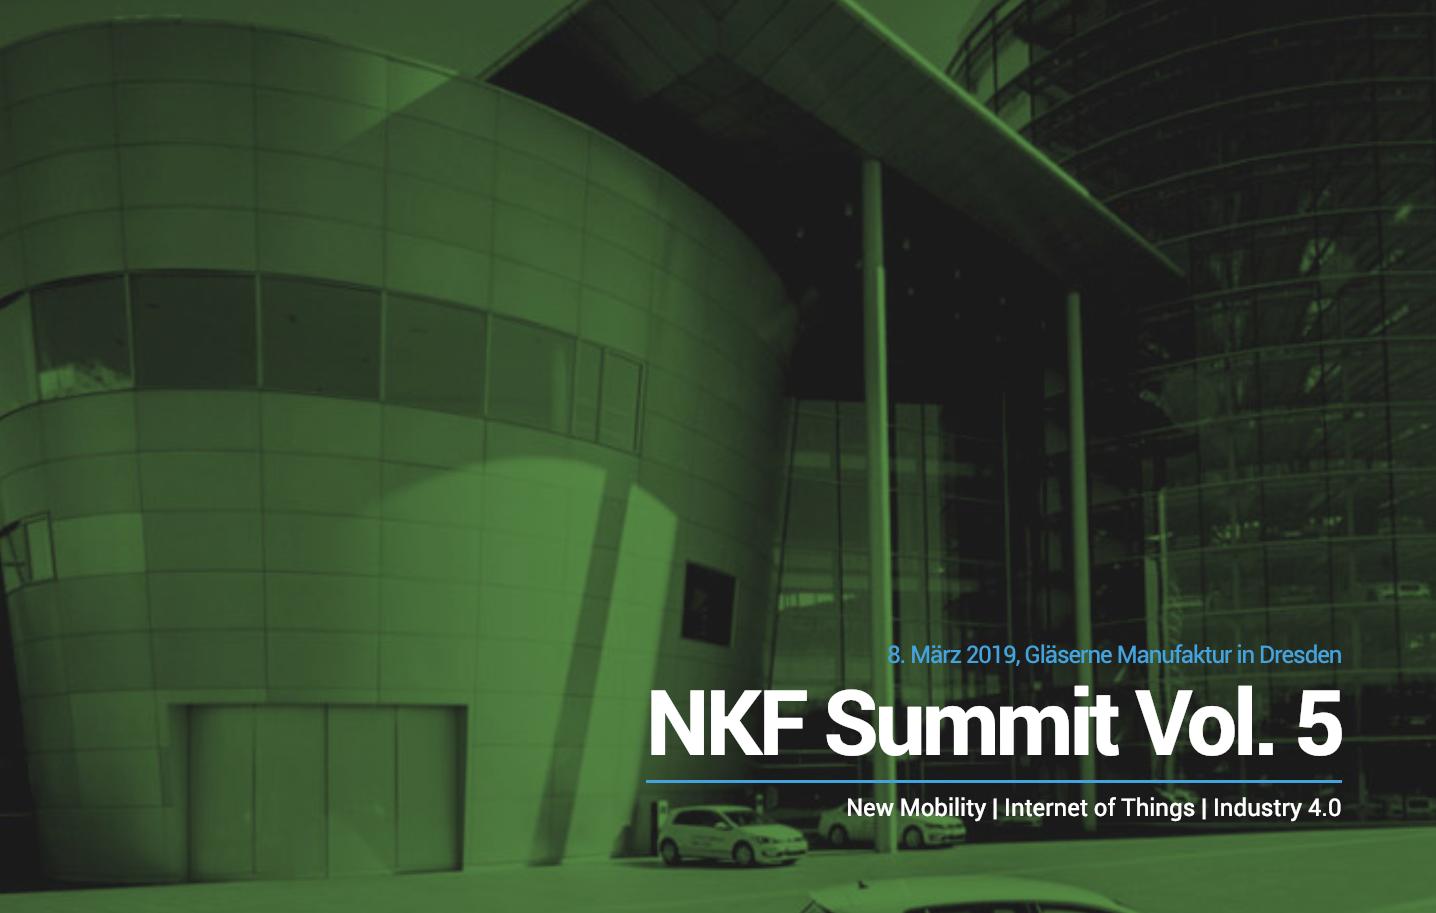 NKF Summit Vol. 5